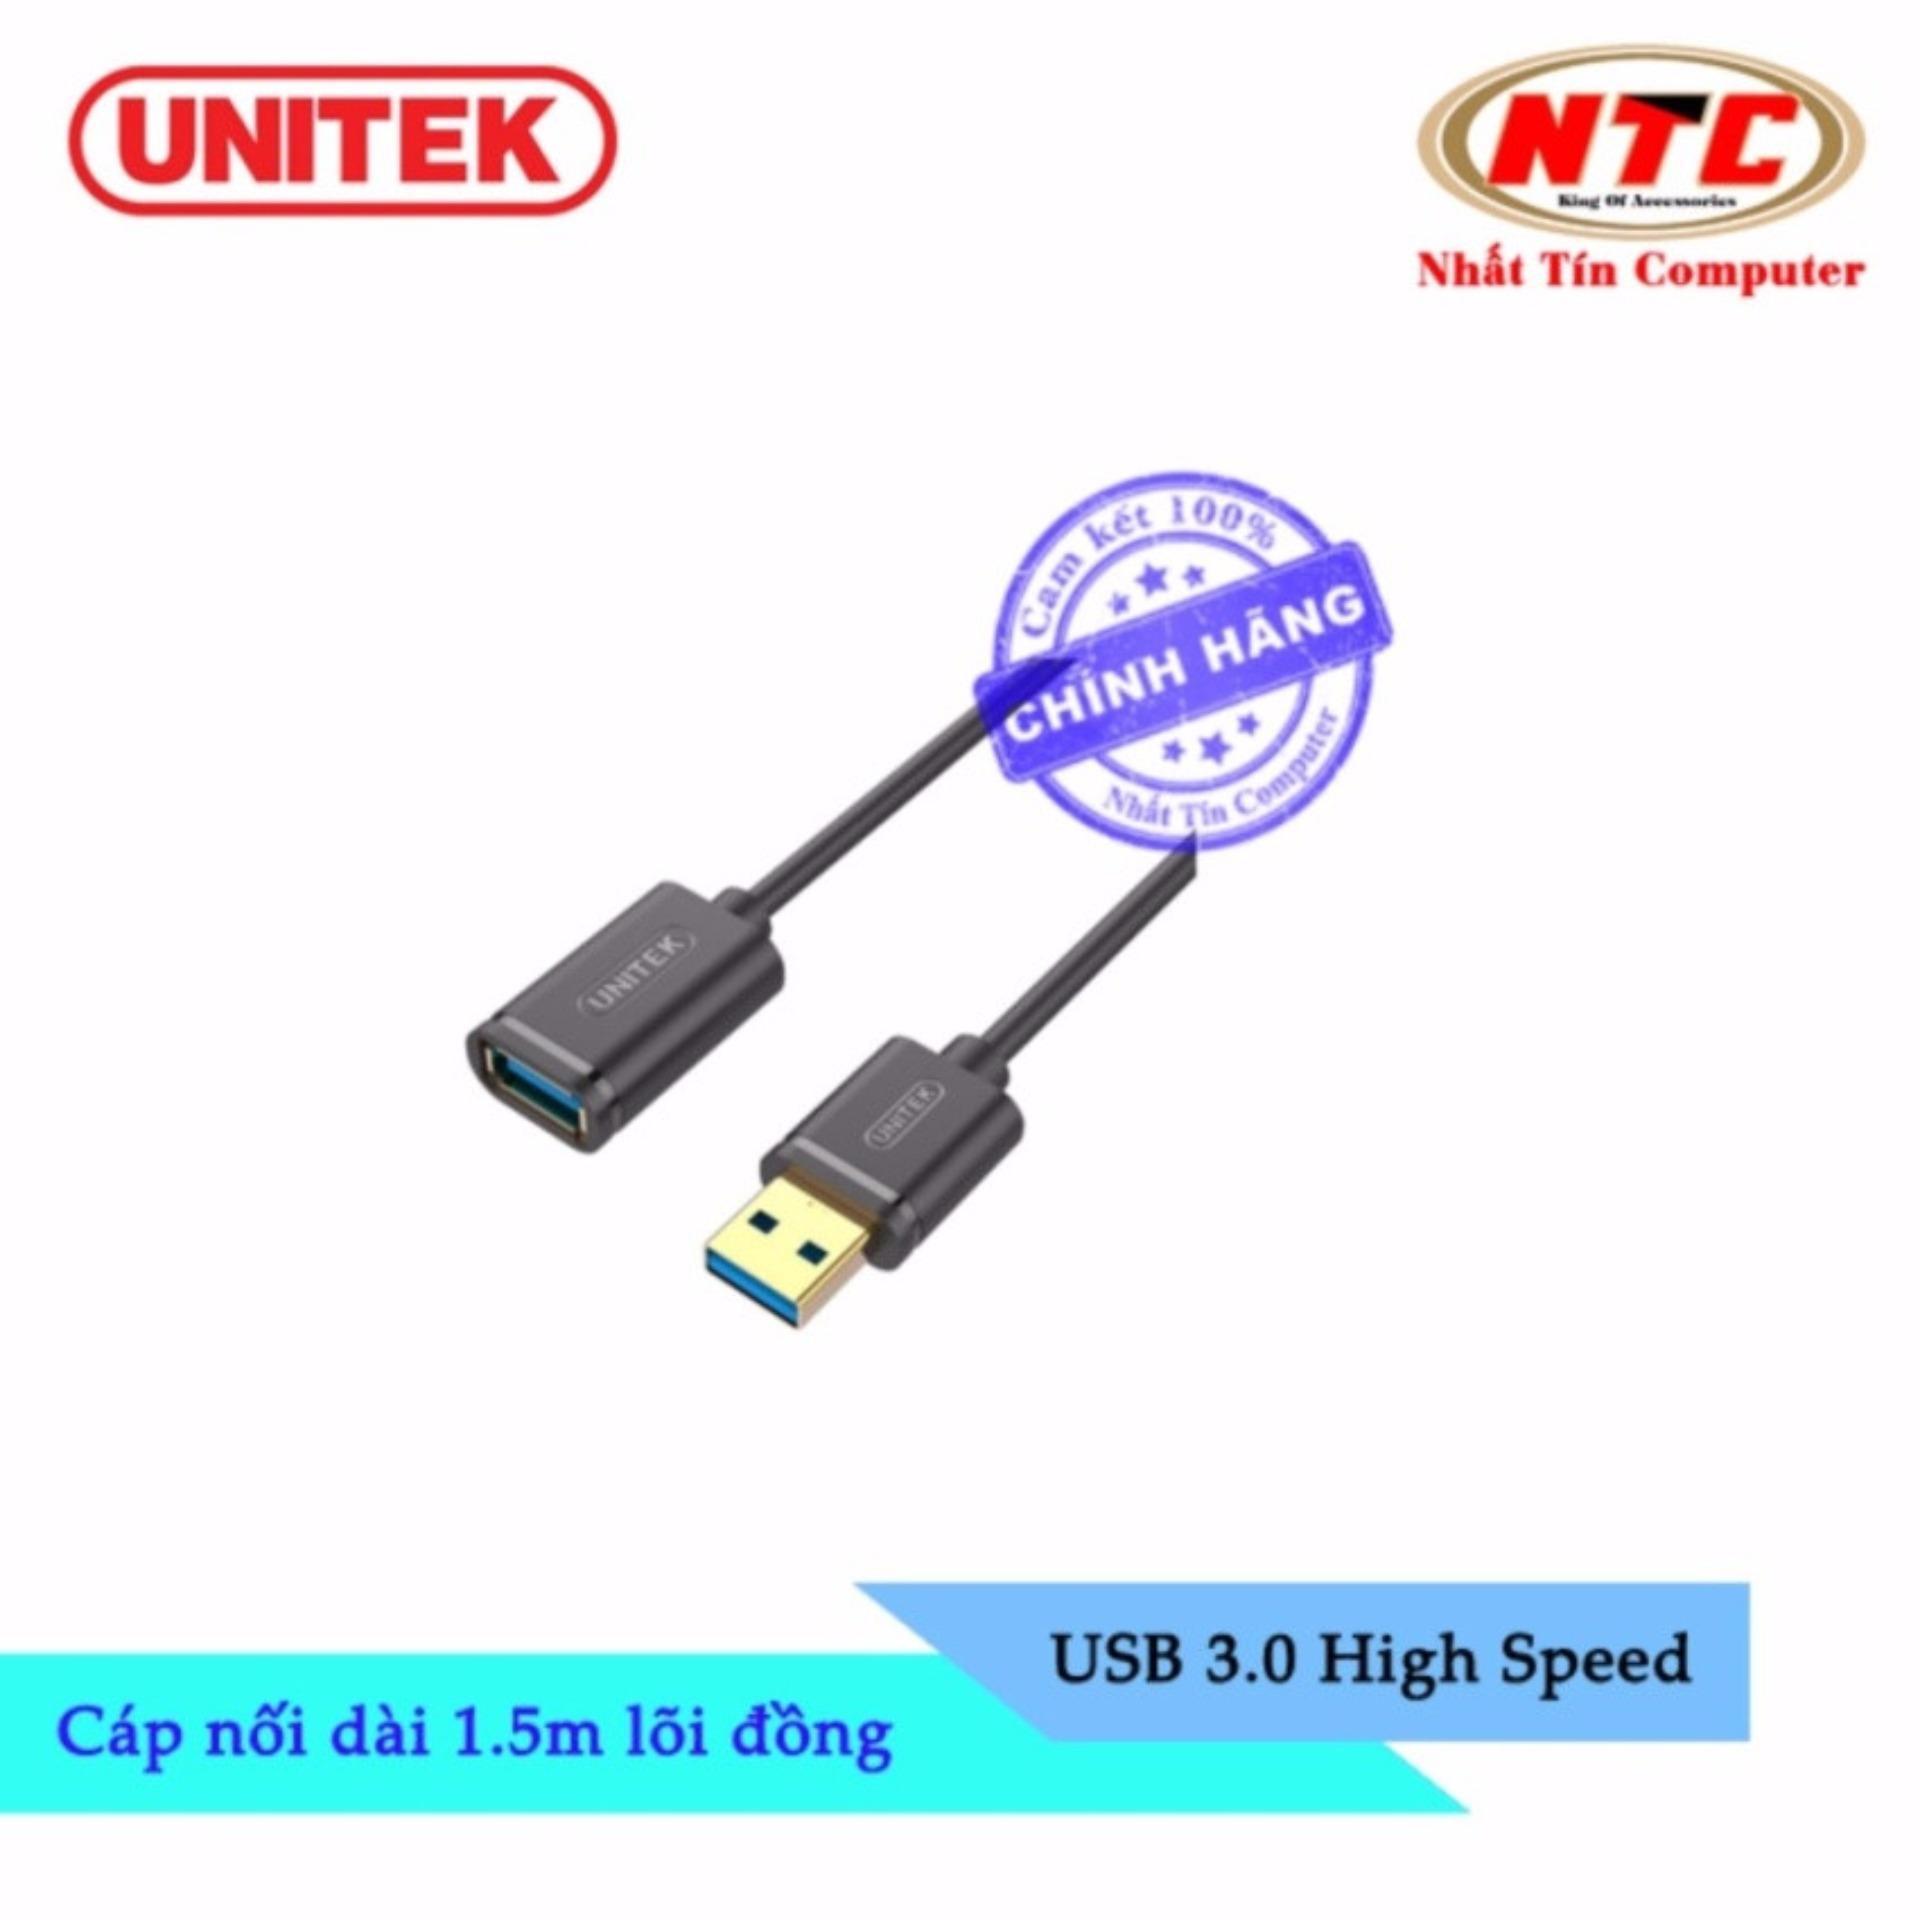 Hình ảnh Cáp USB nối dài 3.0 Unitek Y-C 458GBK - dài 1.5m (Đen)